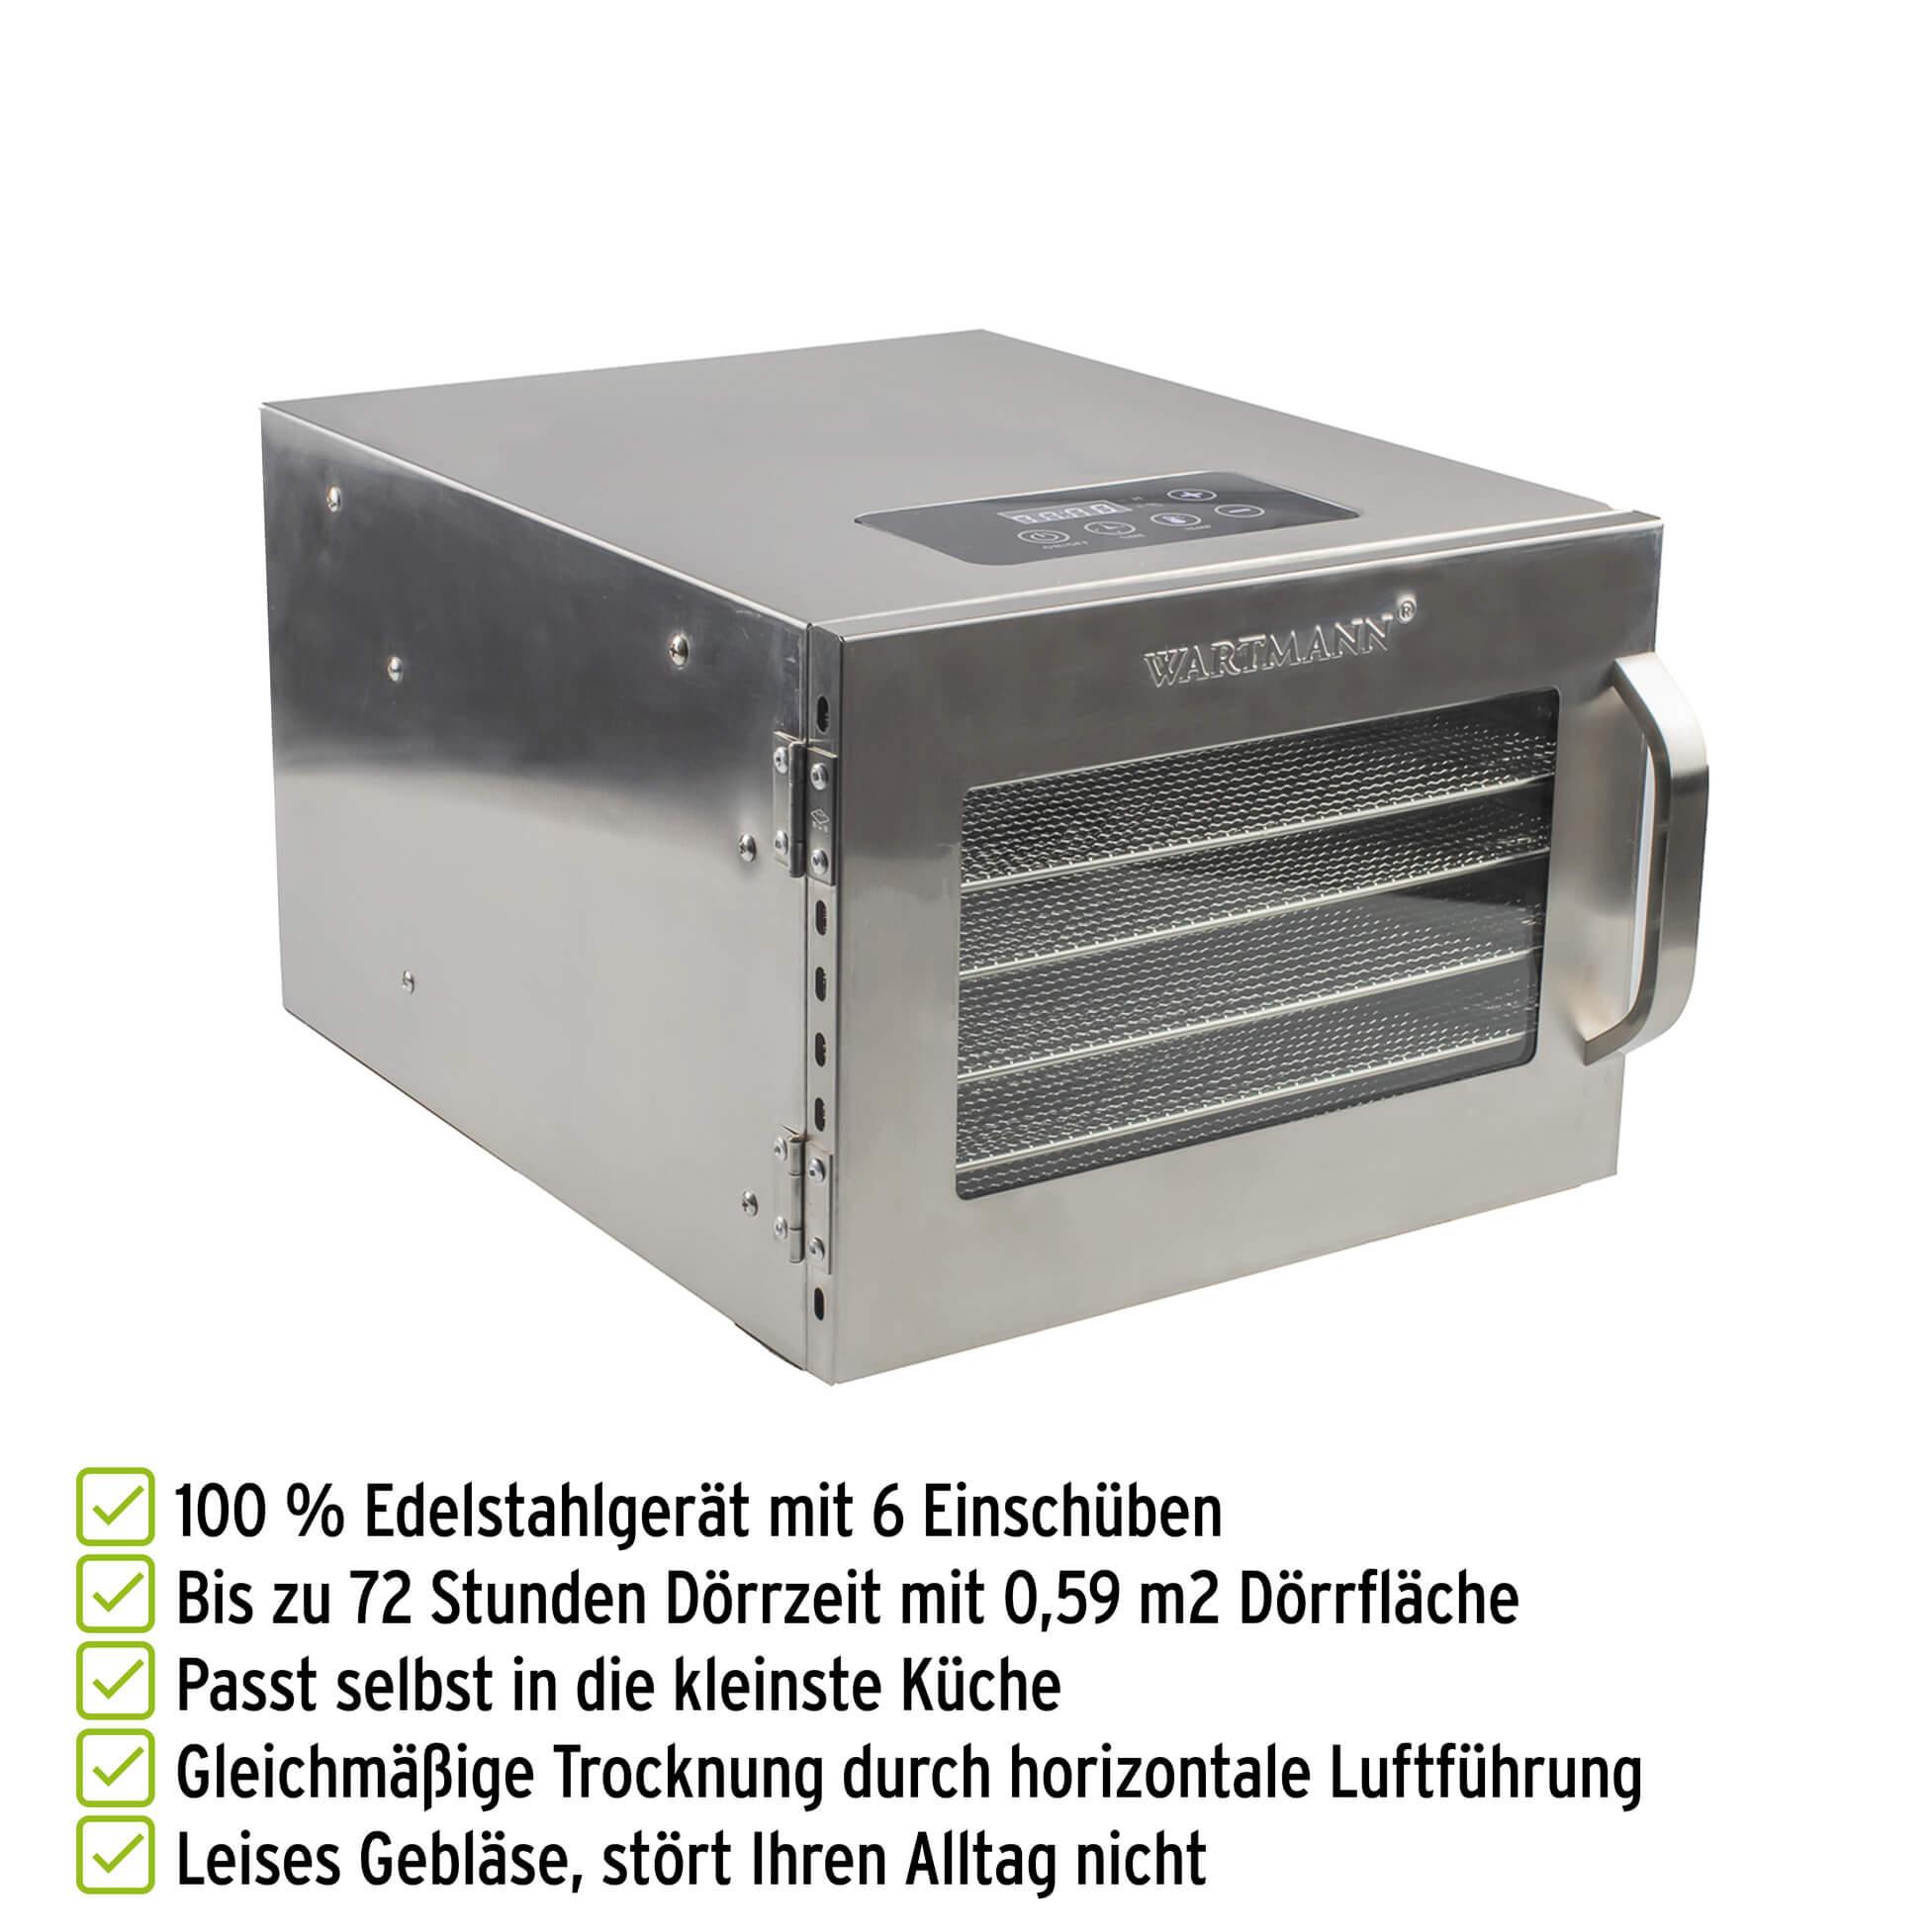 Wartmann Edelstahl-Doerrautomat WM 2006  DH mit Vorteilen